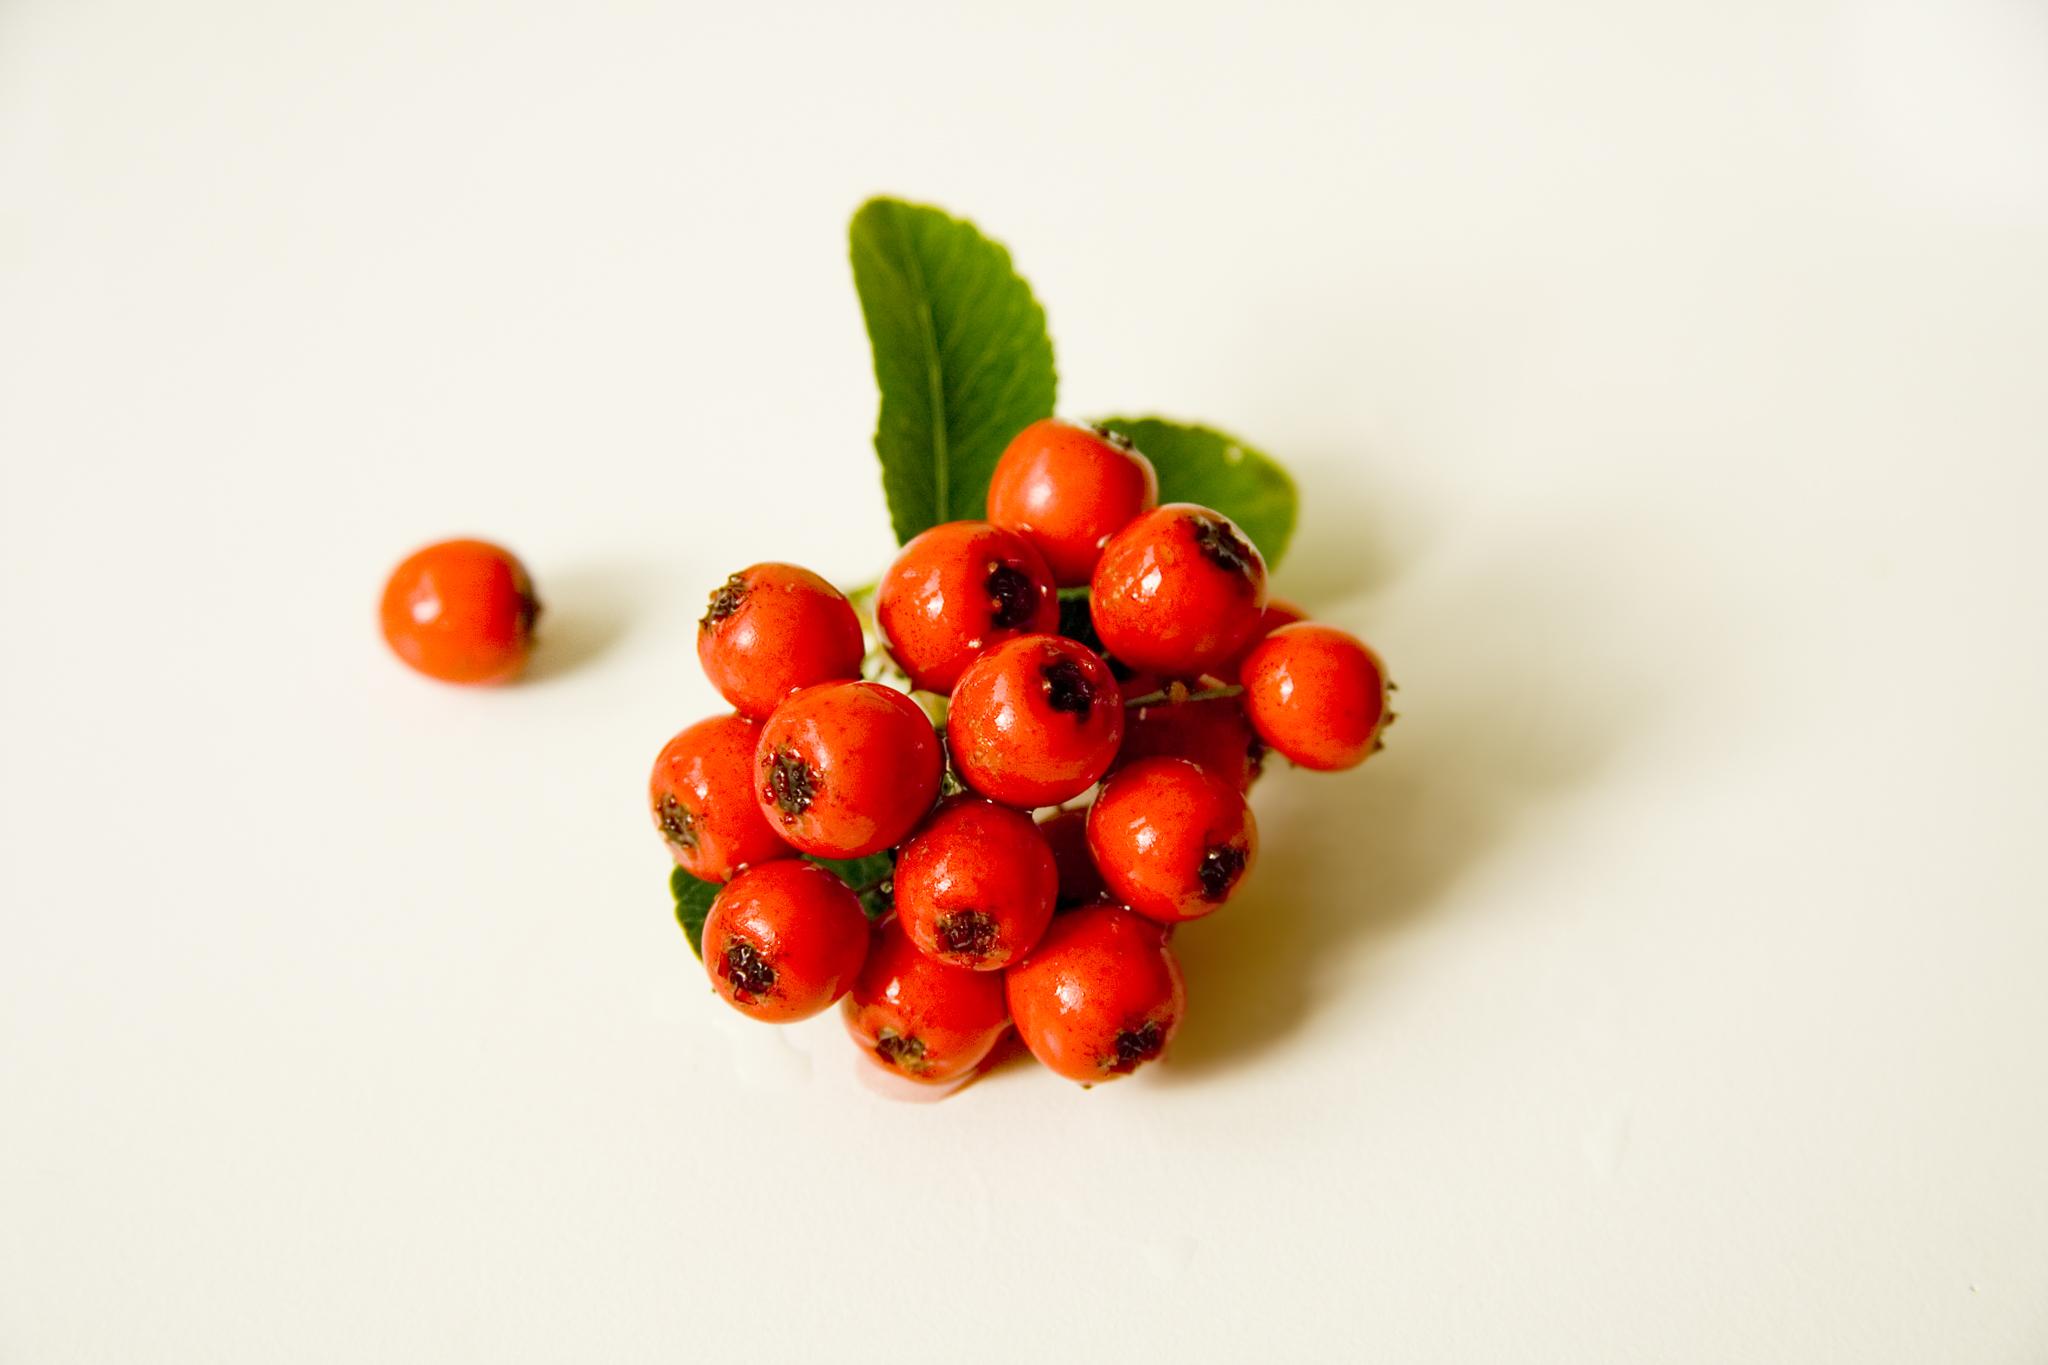 red-berries-1385927.jpg